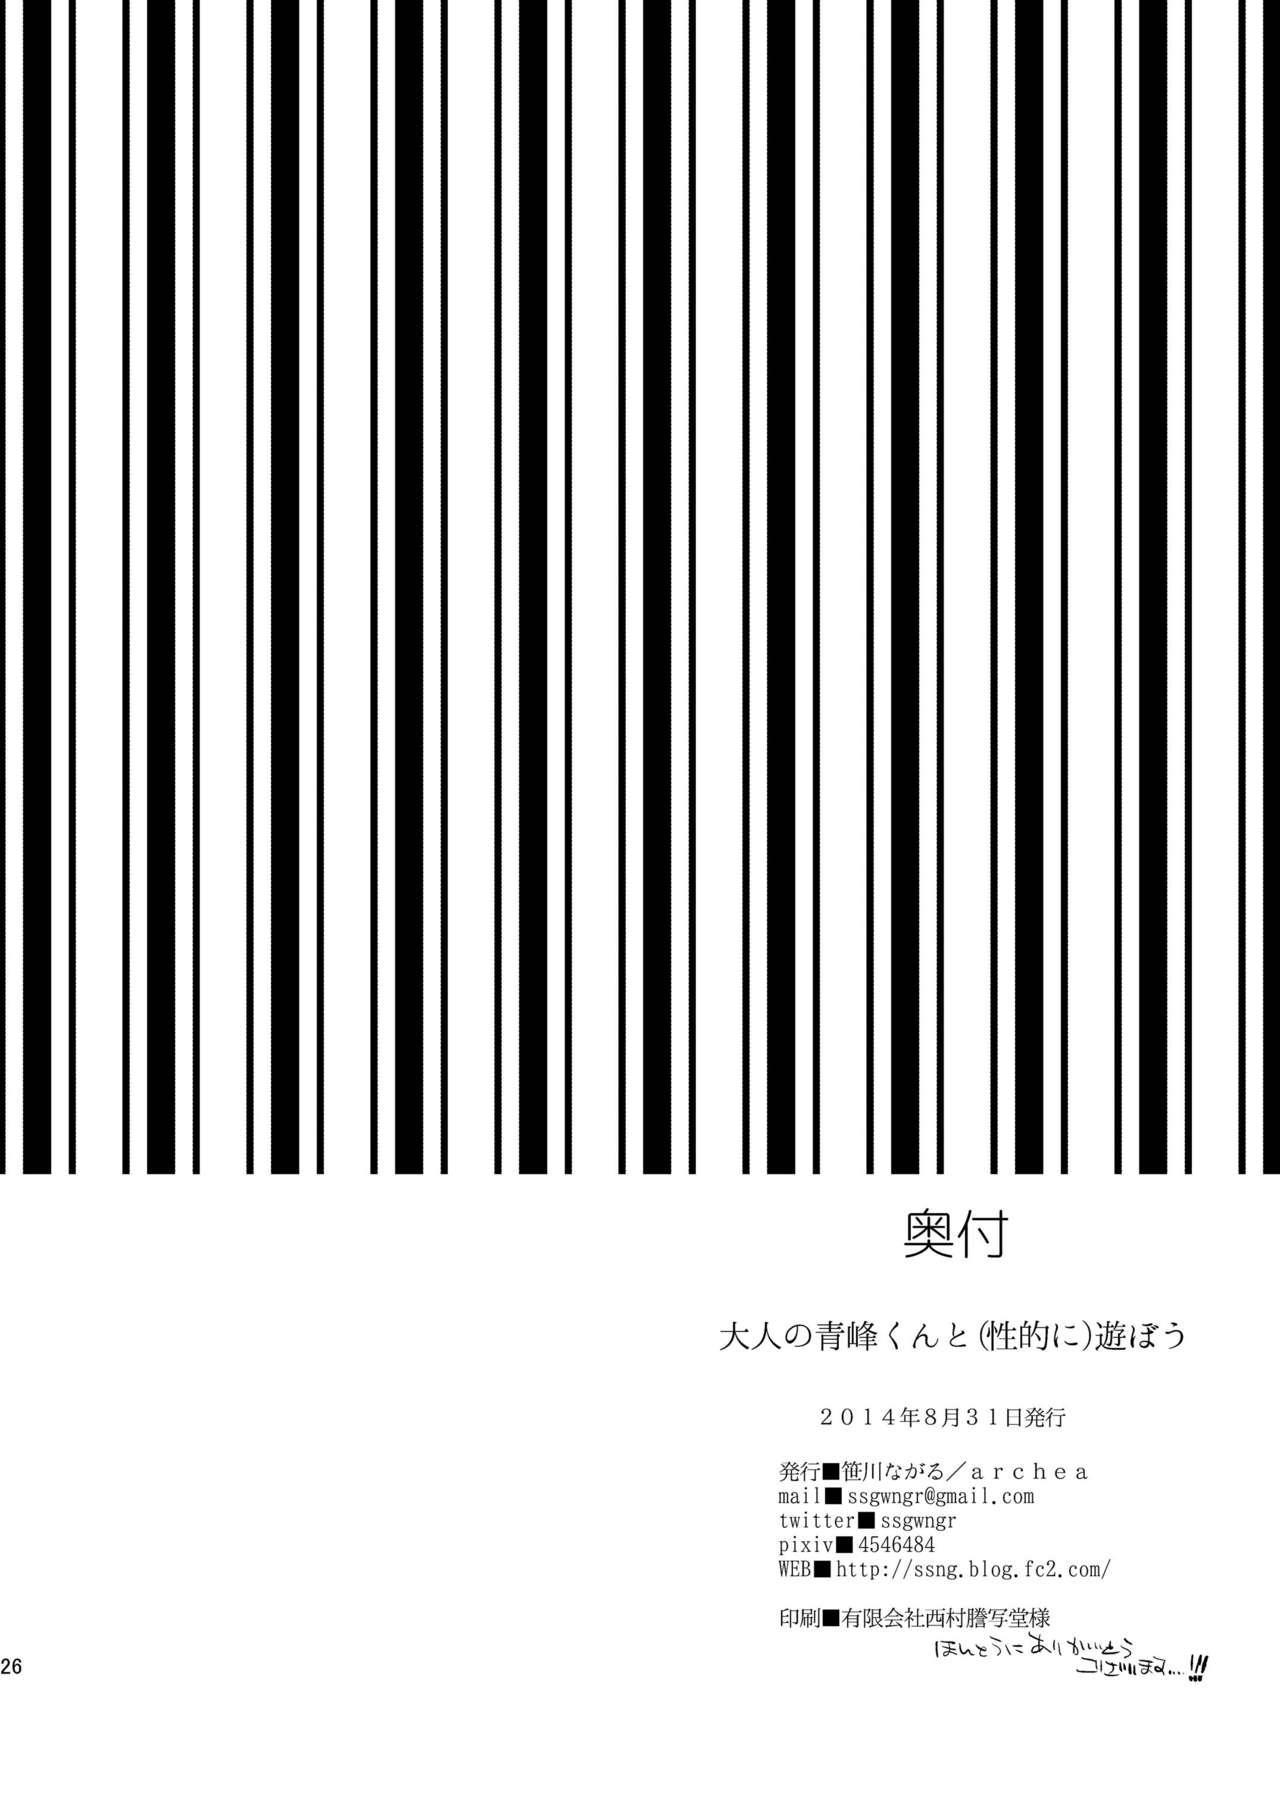 [archea (Sasagawa Nagaru)] Otona no Aomine-kun to (Seiteki ni) Asobou (Kuroko no Basuke) [Digital] 24